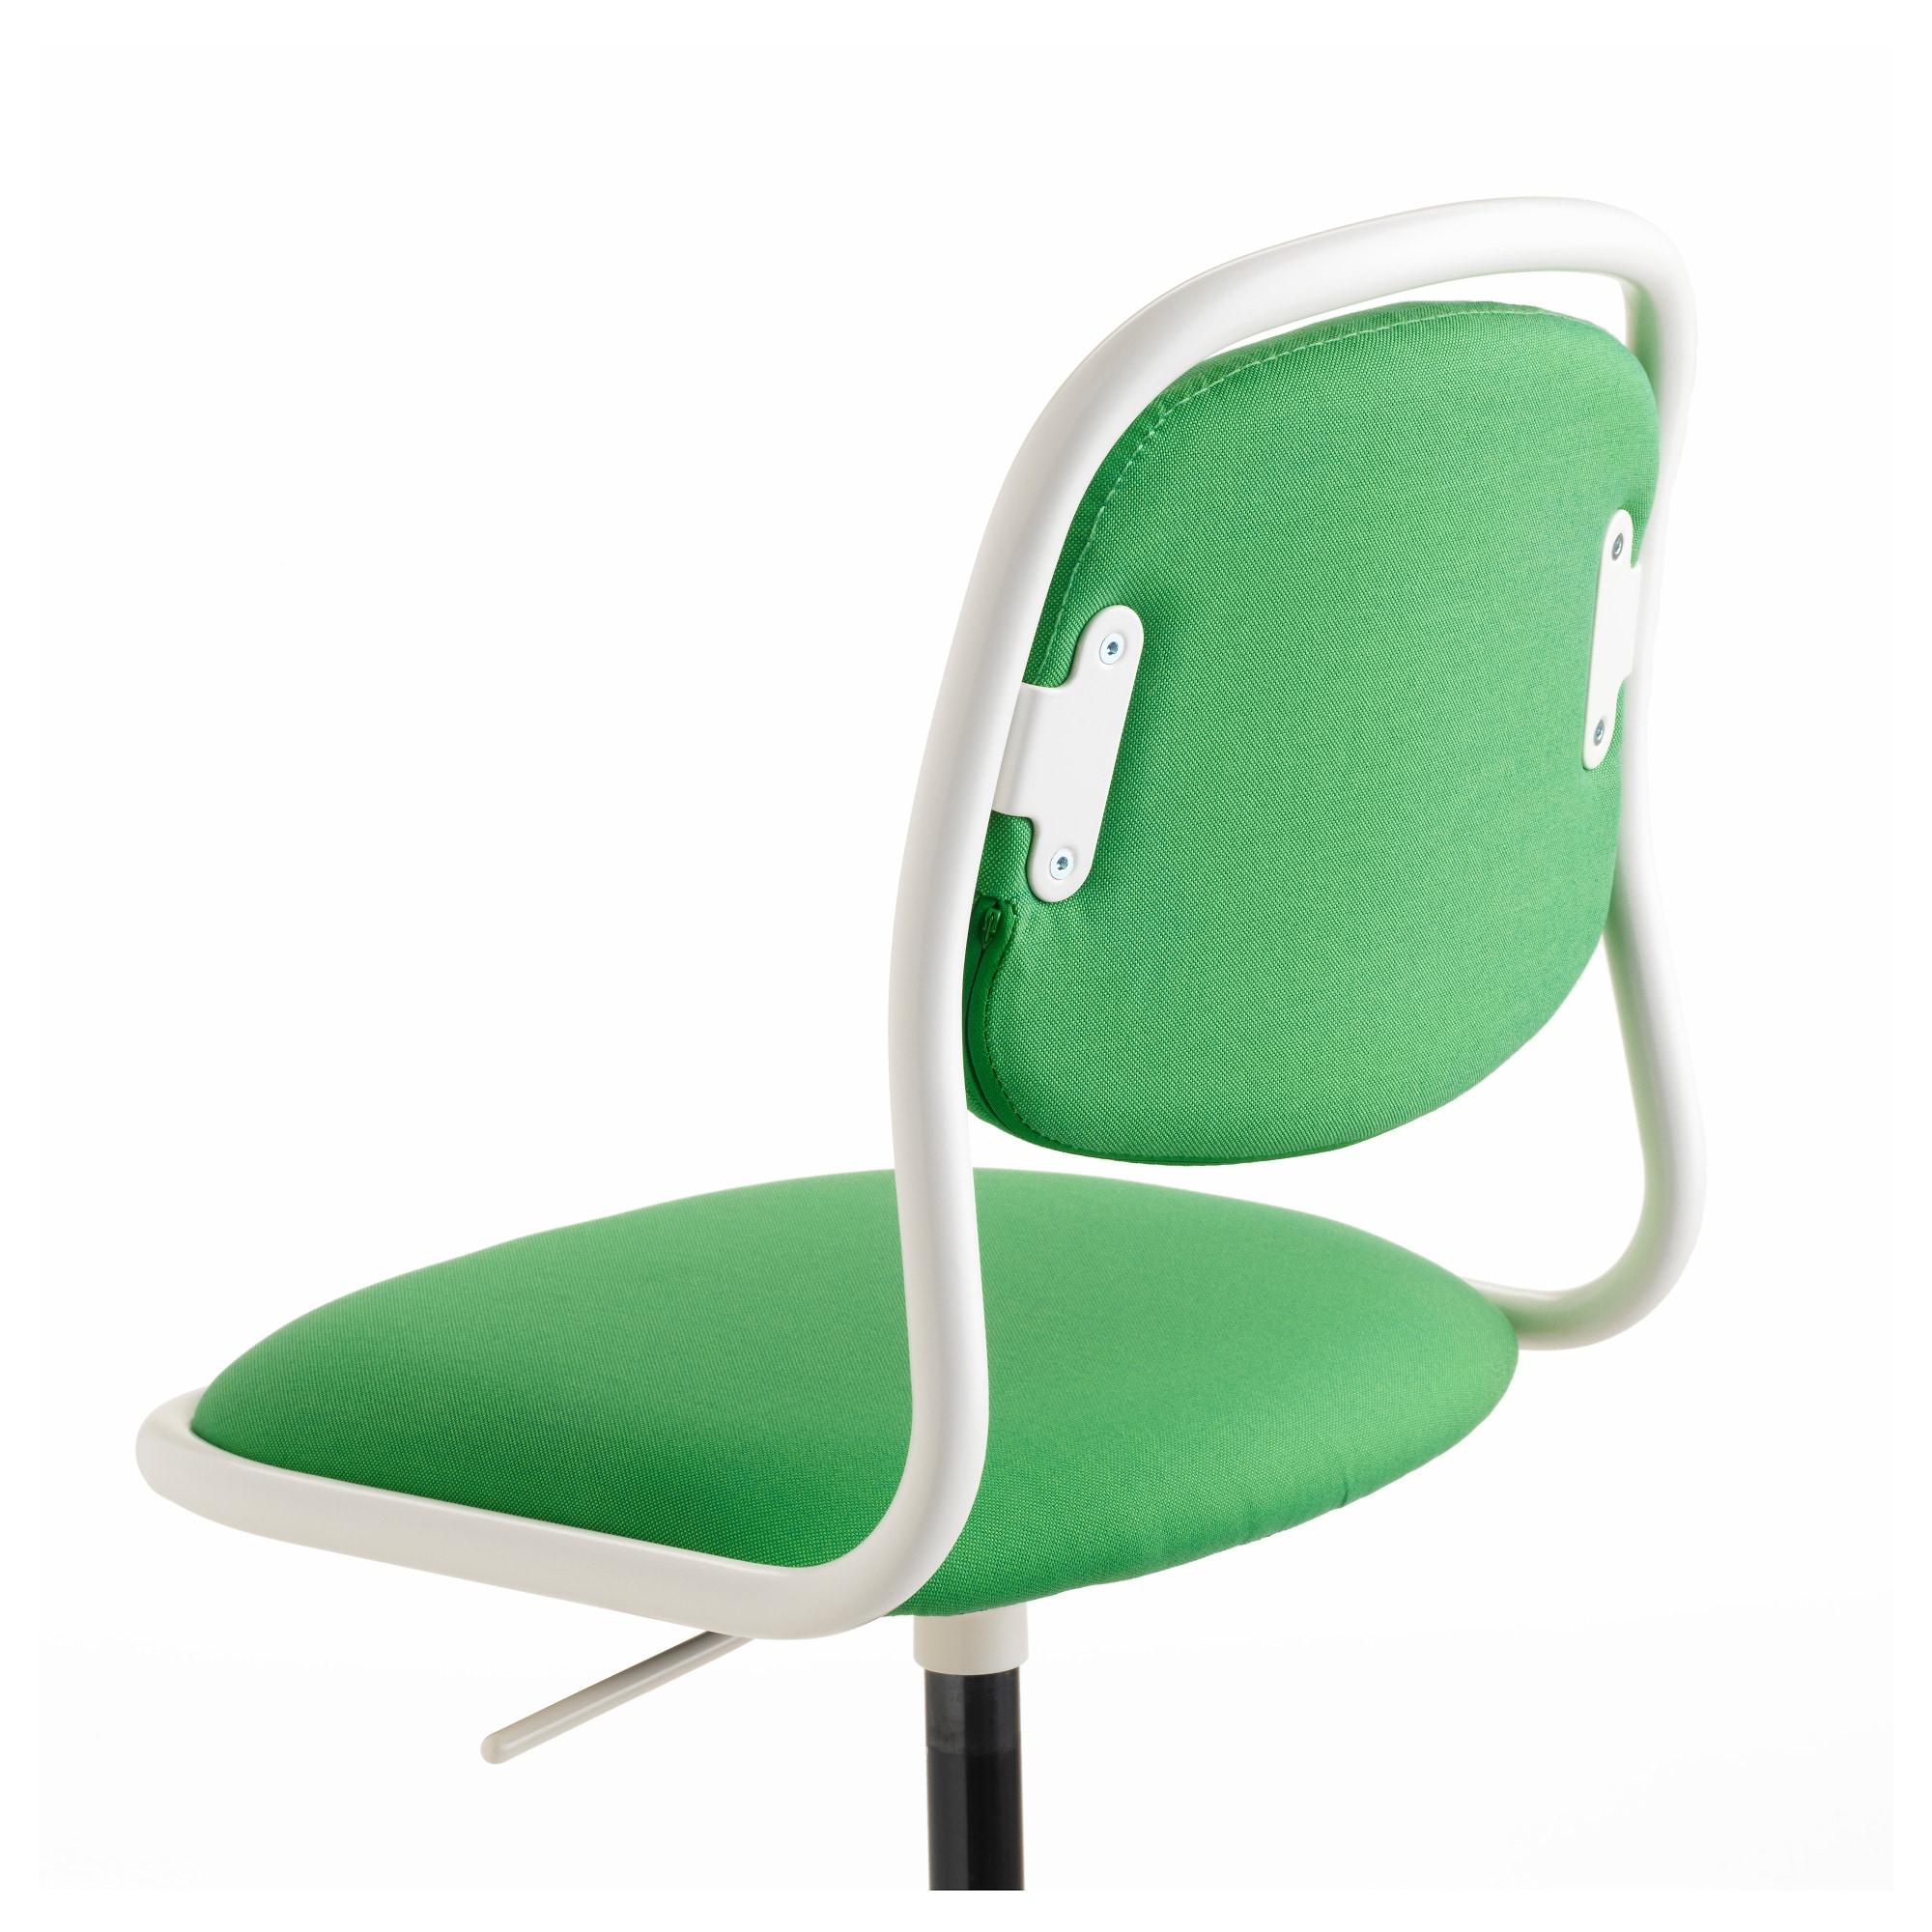 Silla Escritorio Niño 3id6 à Rfjà Ll Silla Escritorio Nià O Blanco Vissle Verde Vivo Ikea